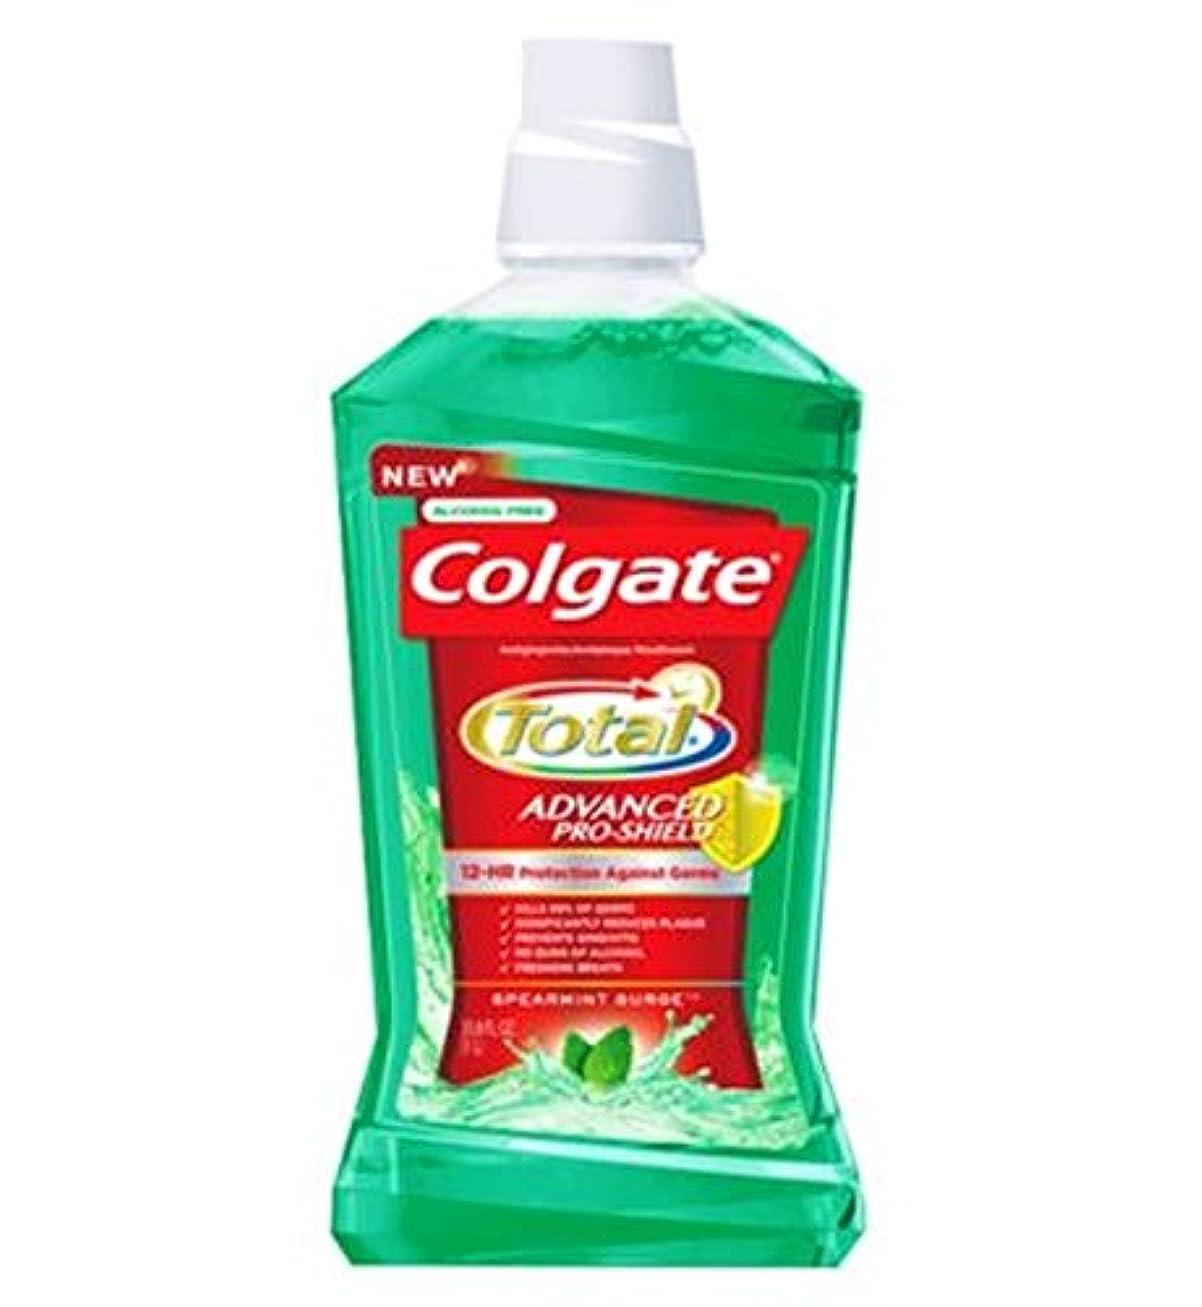 愛人過言治療Colgate Mouthrinse Total Green 500ml - コルゲートの口内洗浄剤の合計緑500ミリリットル (Colgate) [並行輸入品]